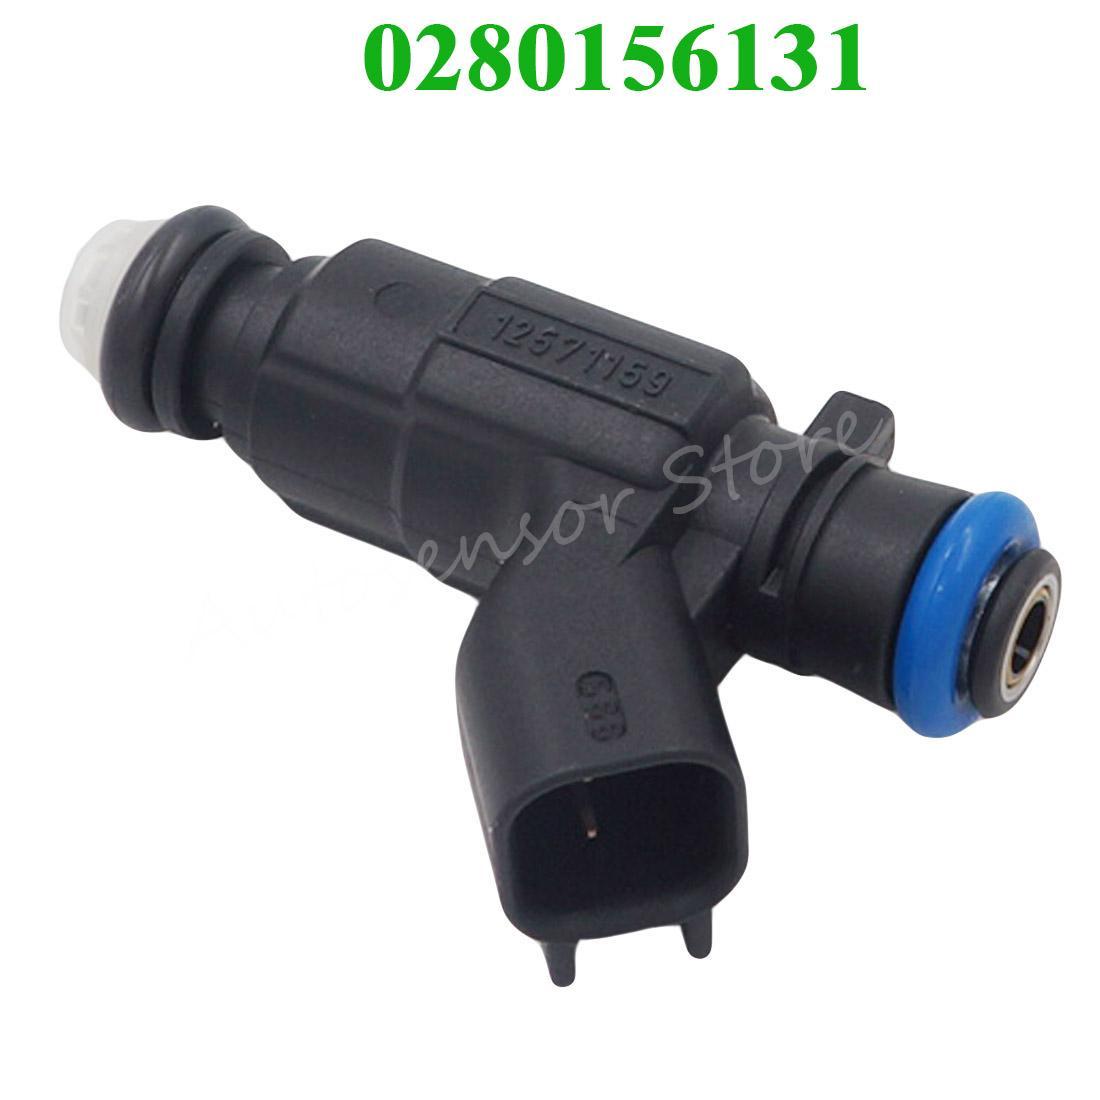 Haute qualité 0280156131 injecteur de carburant Buse pour BUICK V6 3.6L 12.571.159 2004-2008 0 280 156 131